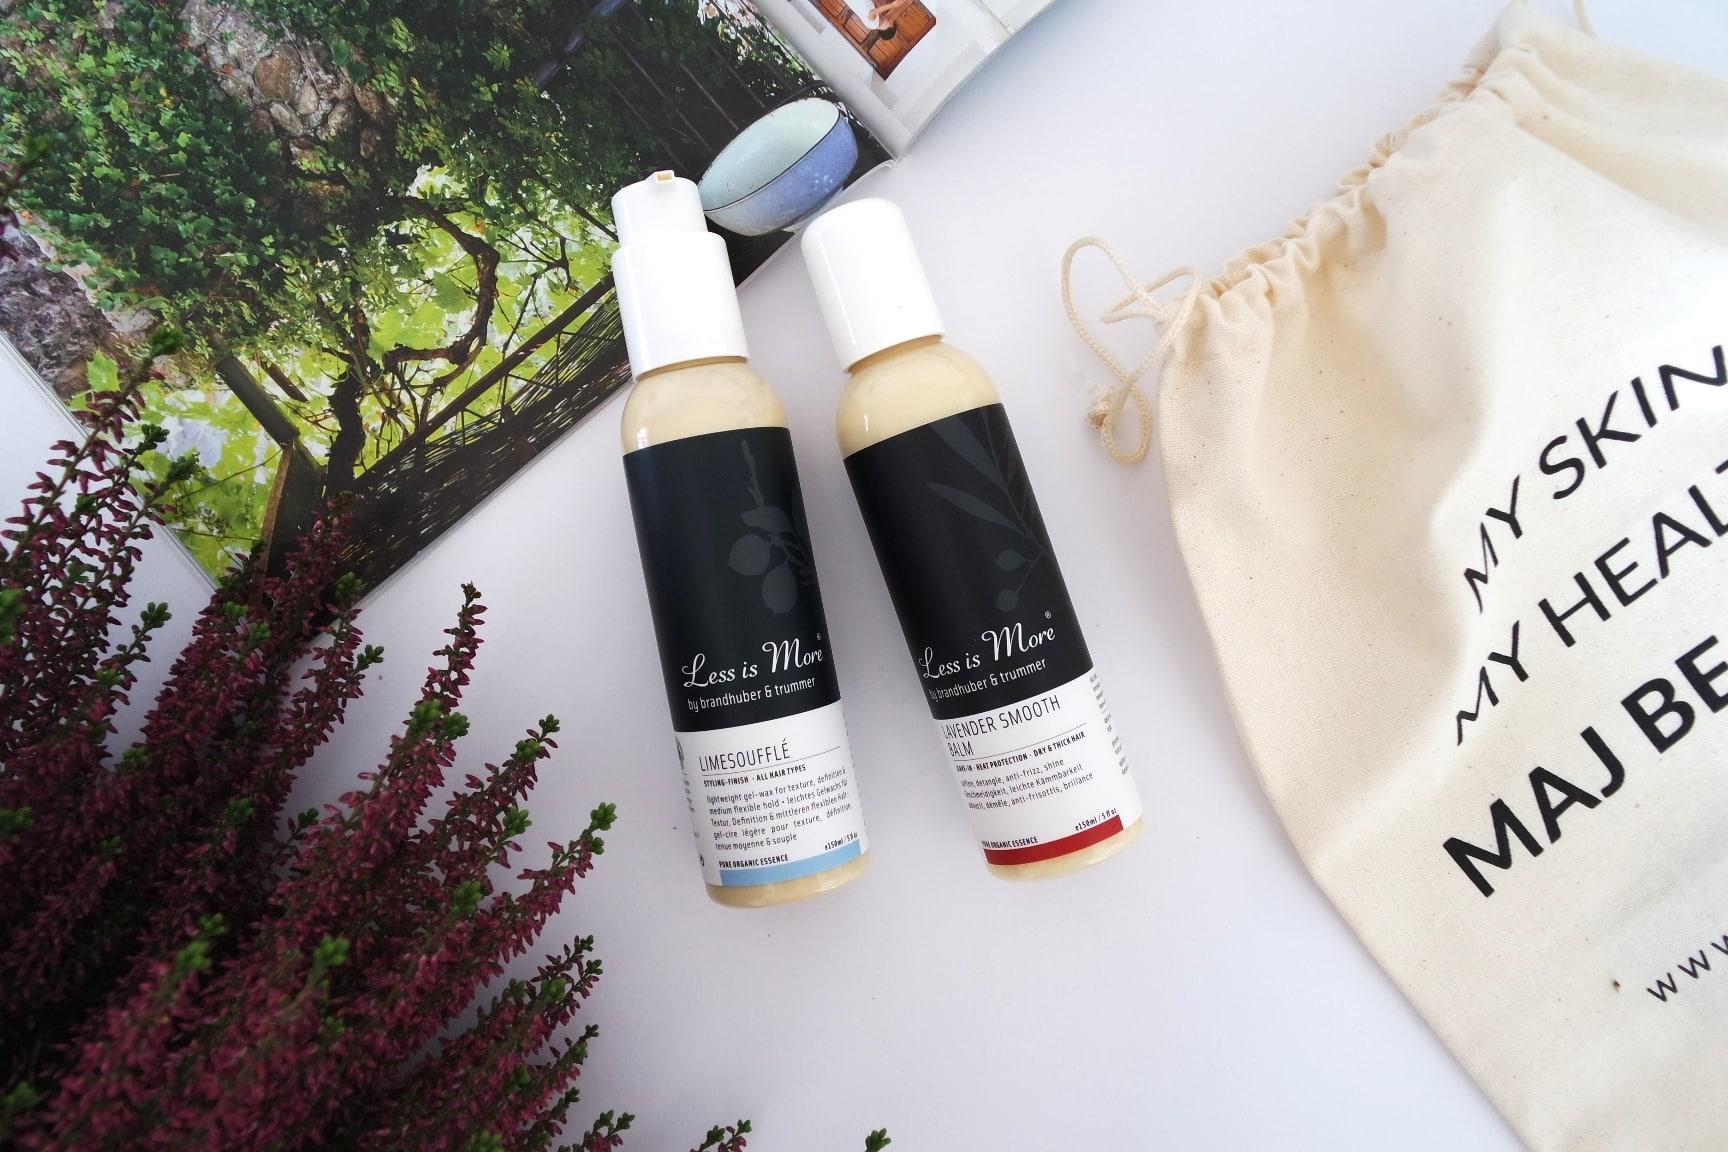 Maj Beauty, il sito dove comprare cosmetici biologici e naturali